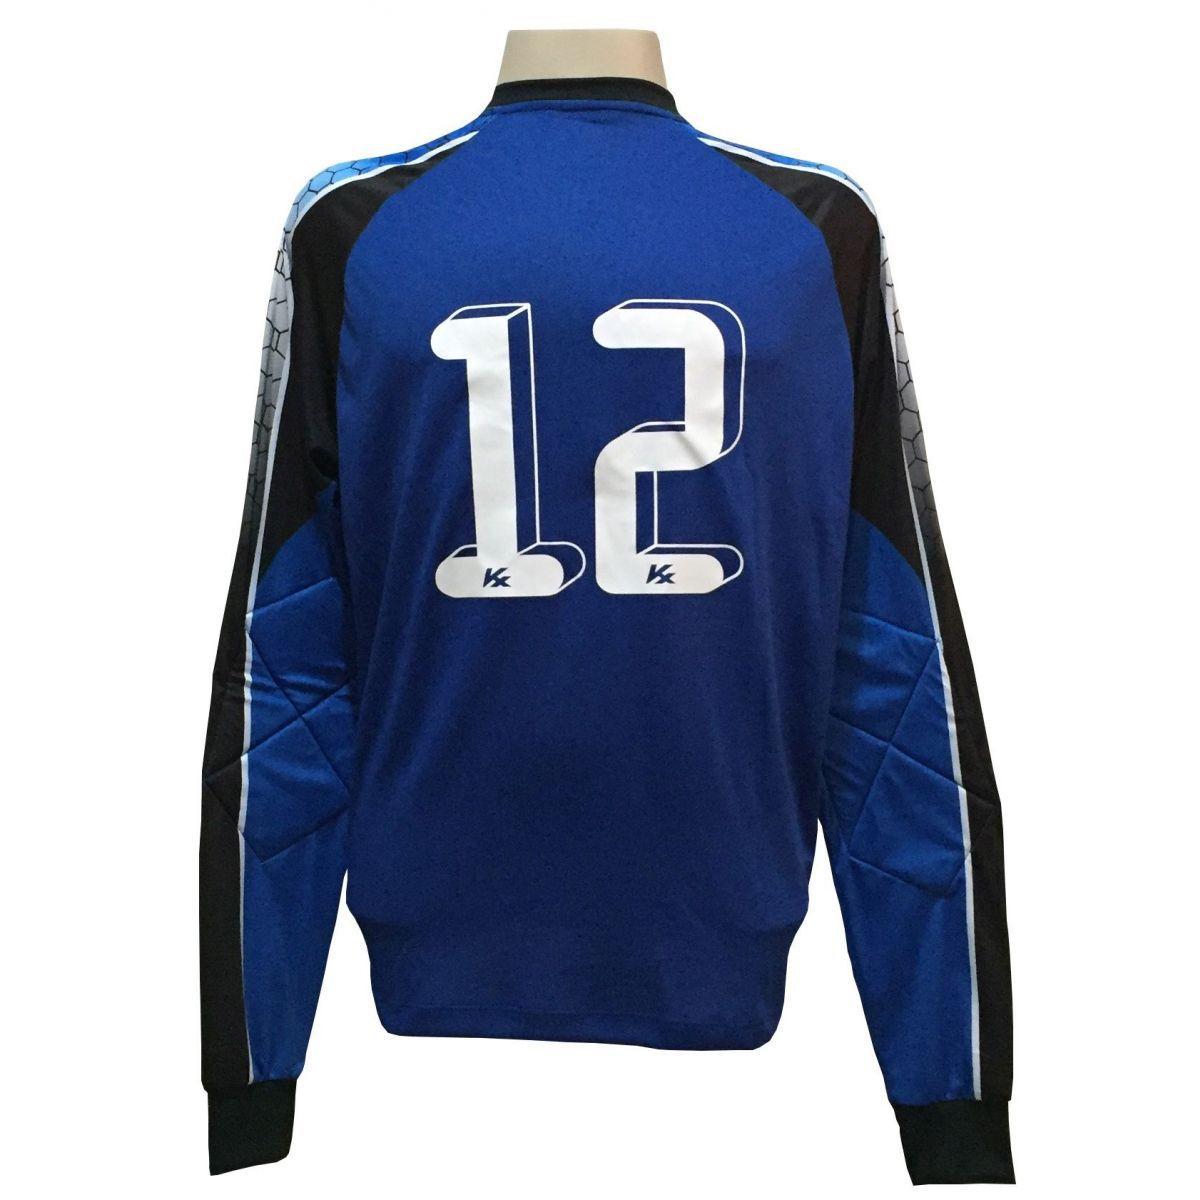 Camisa de Goleiro Profissional modelo Paraí Tam G Nº 12 Azul Royal/Preto - Kanxa